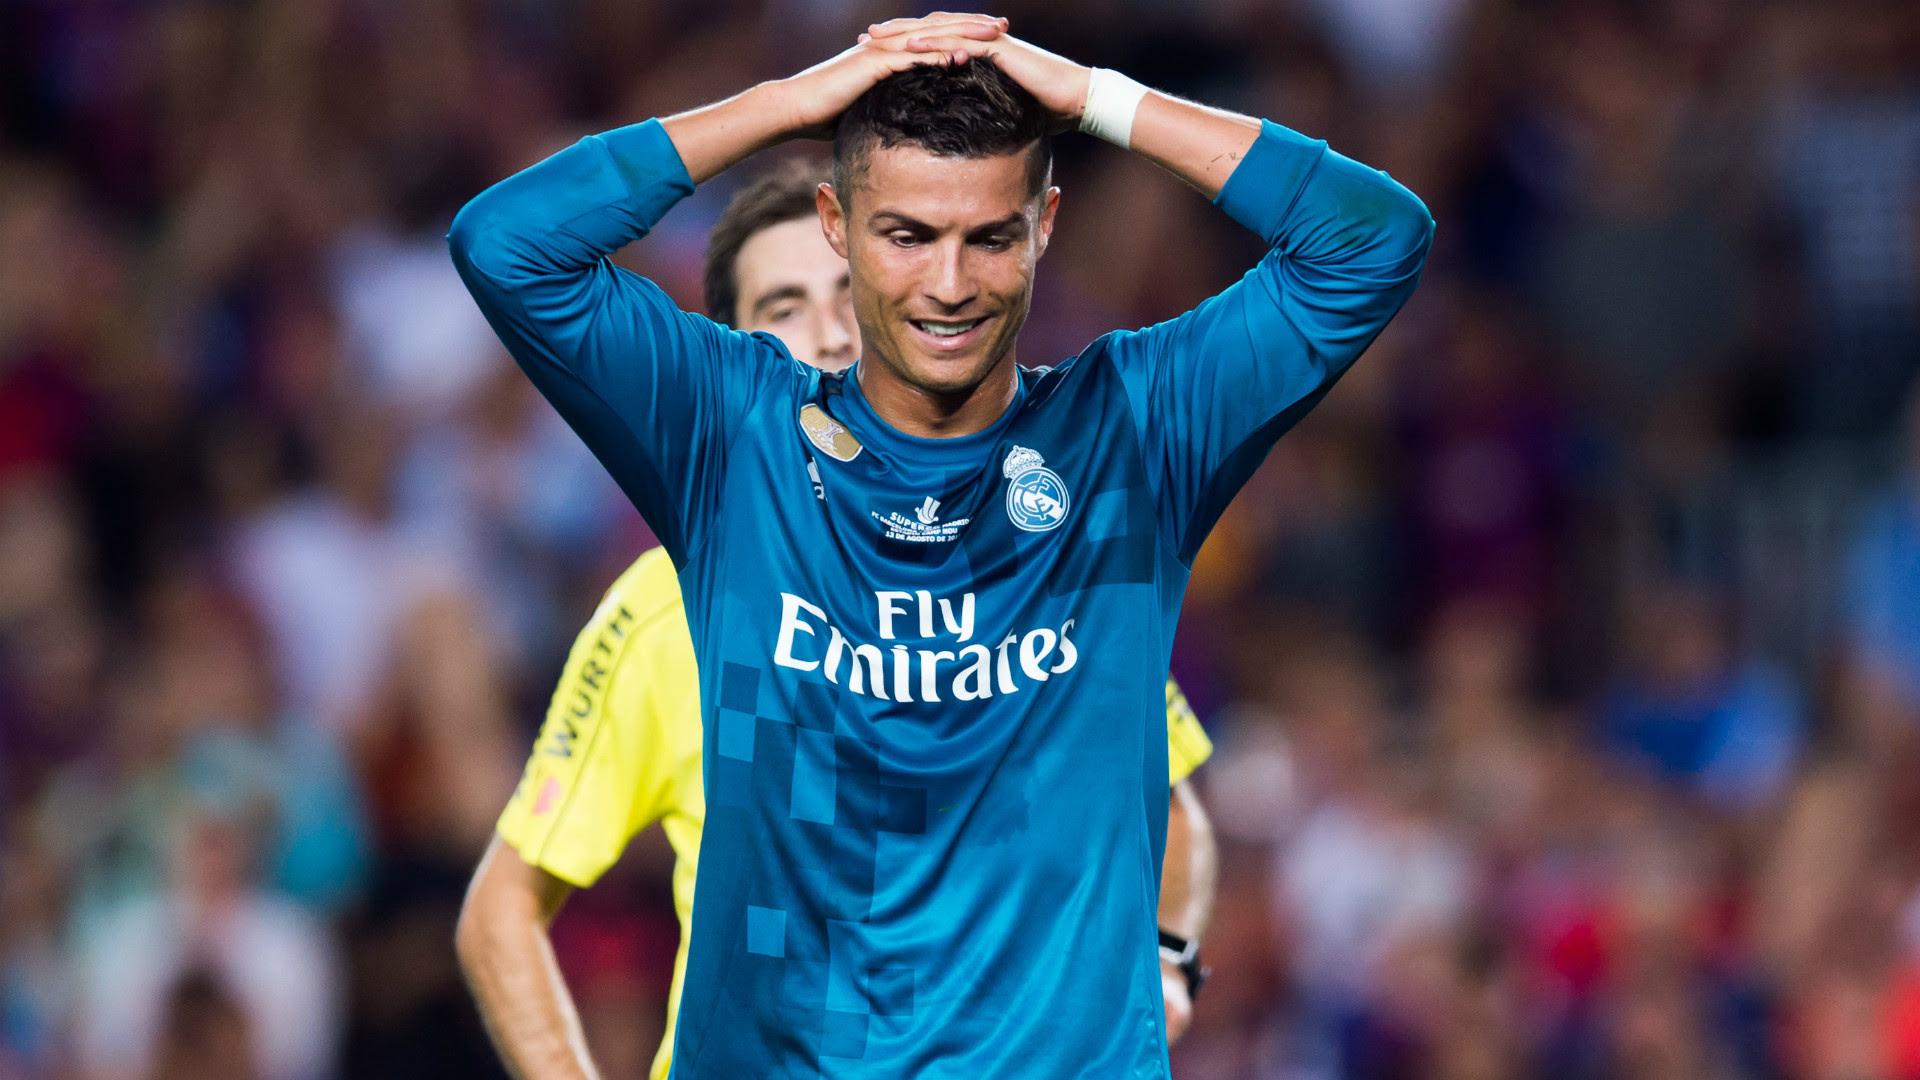 Cristiano Ronaldo Vs Lionel Messi 2018 Wallpaper 70 Images